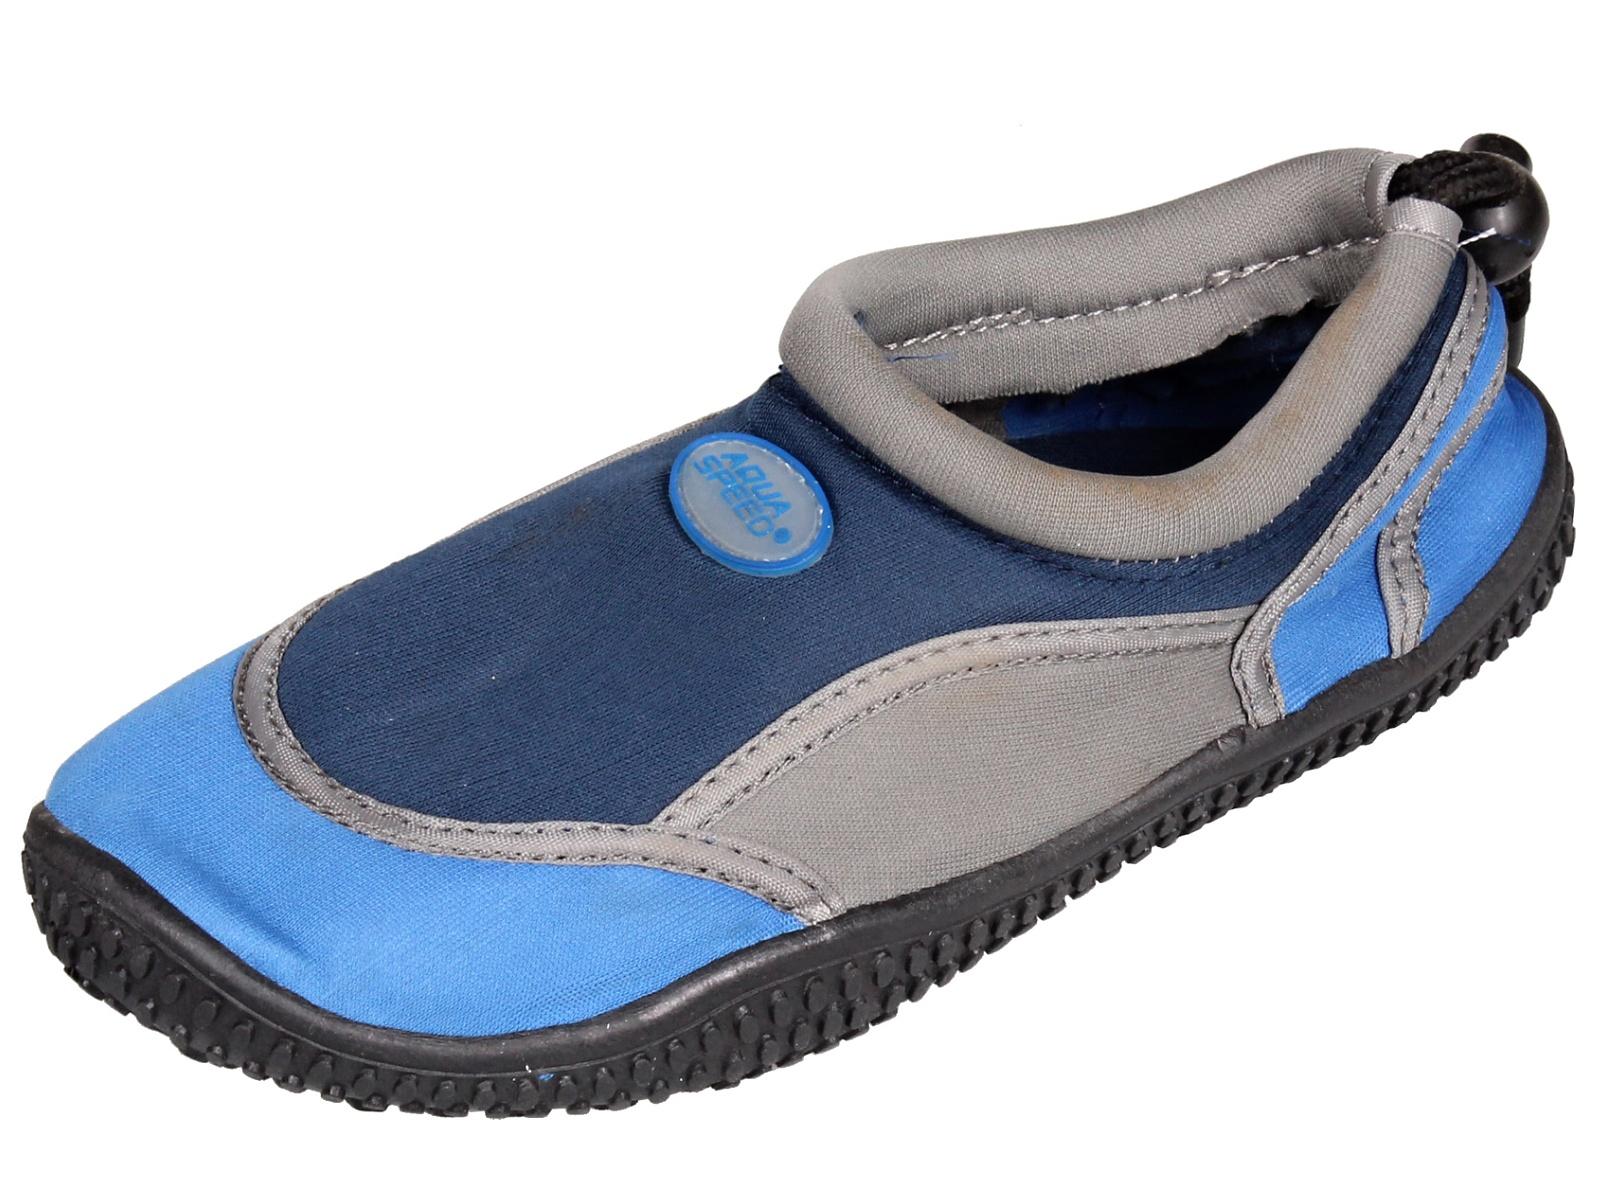 Topánky do vody AQUA-SPEED 21A detské modré - veľ. 29